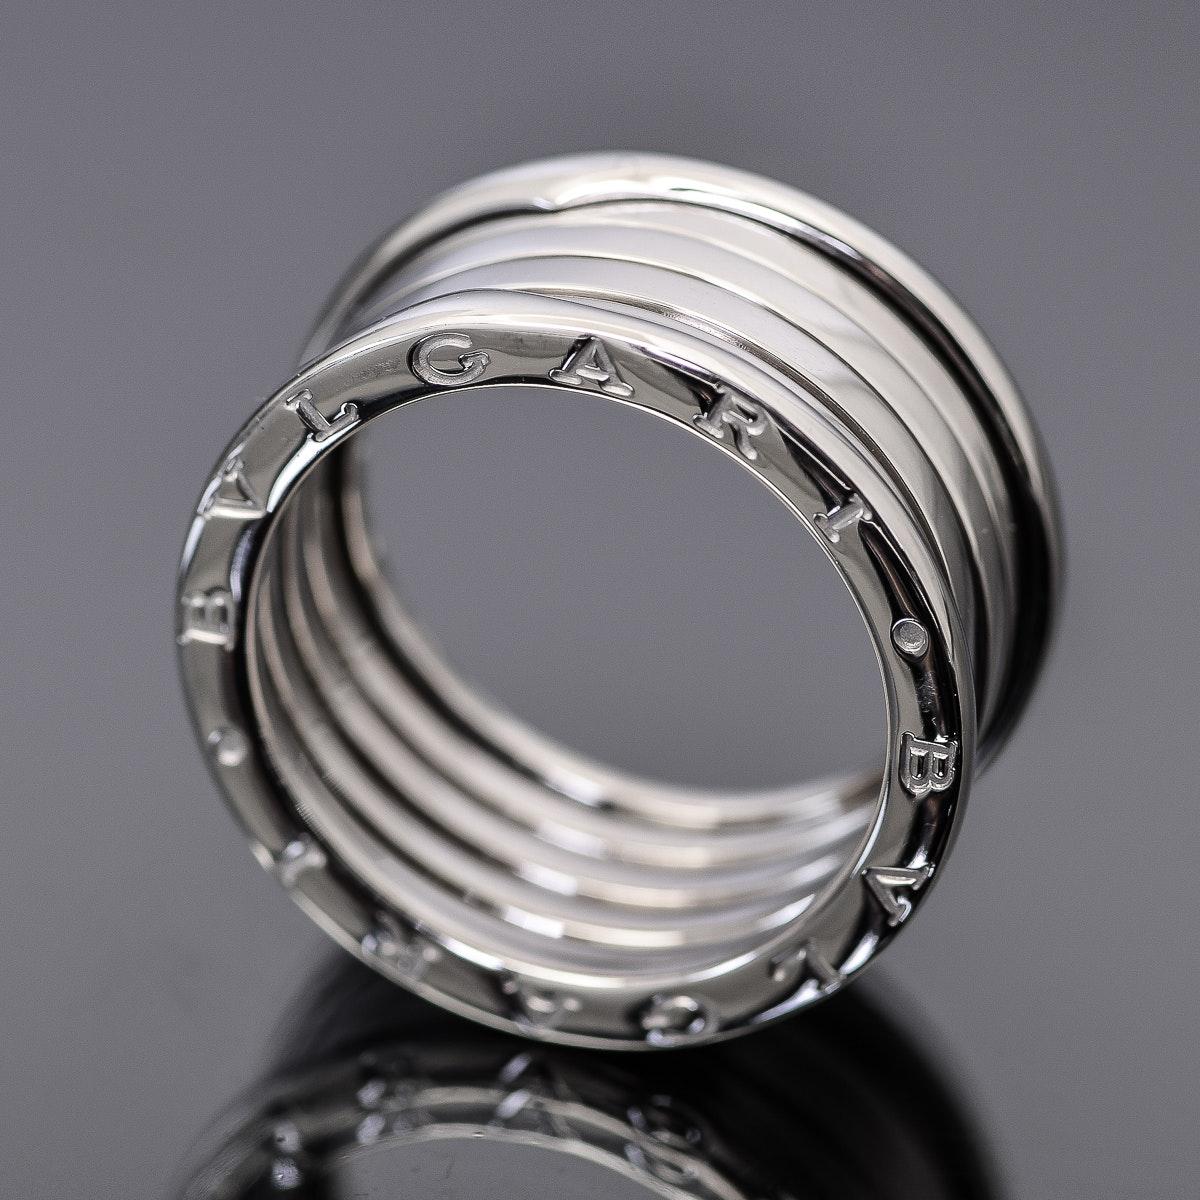 Bvlgari B.Zero1 18k White Gold Ring